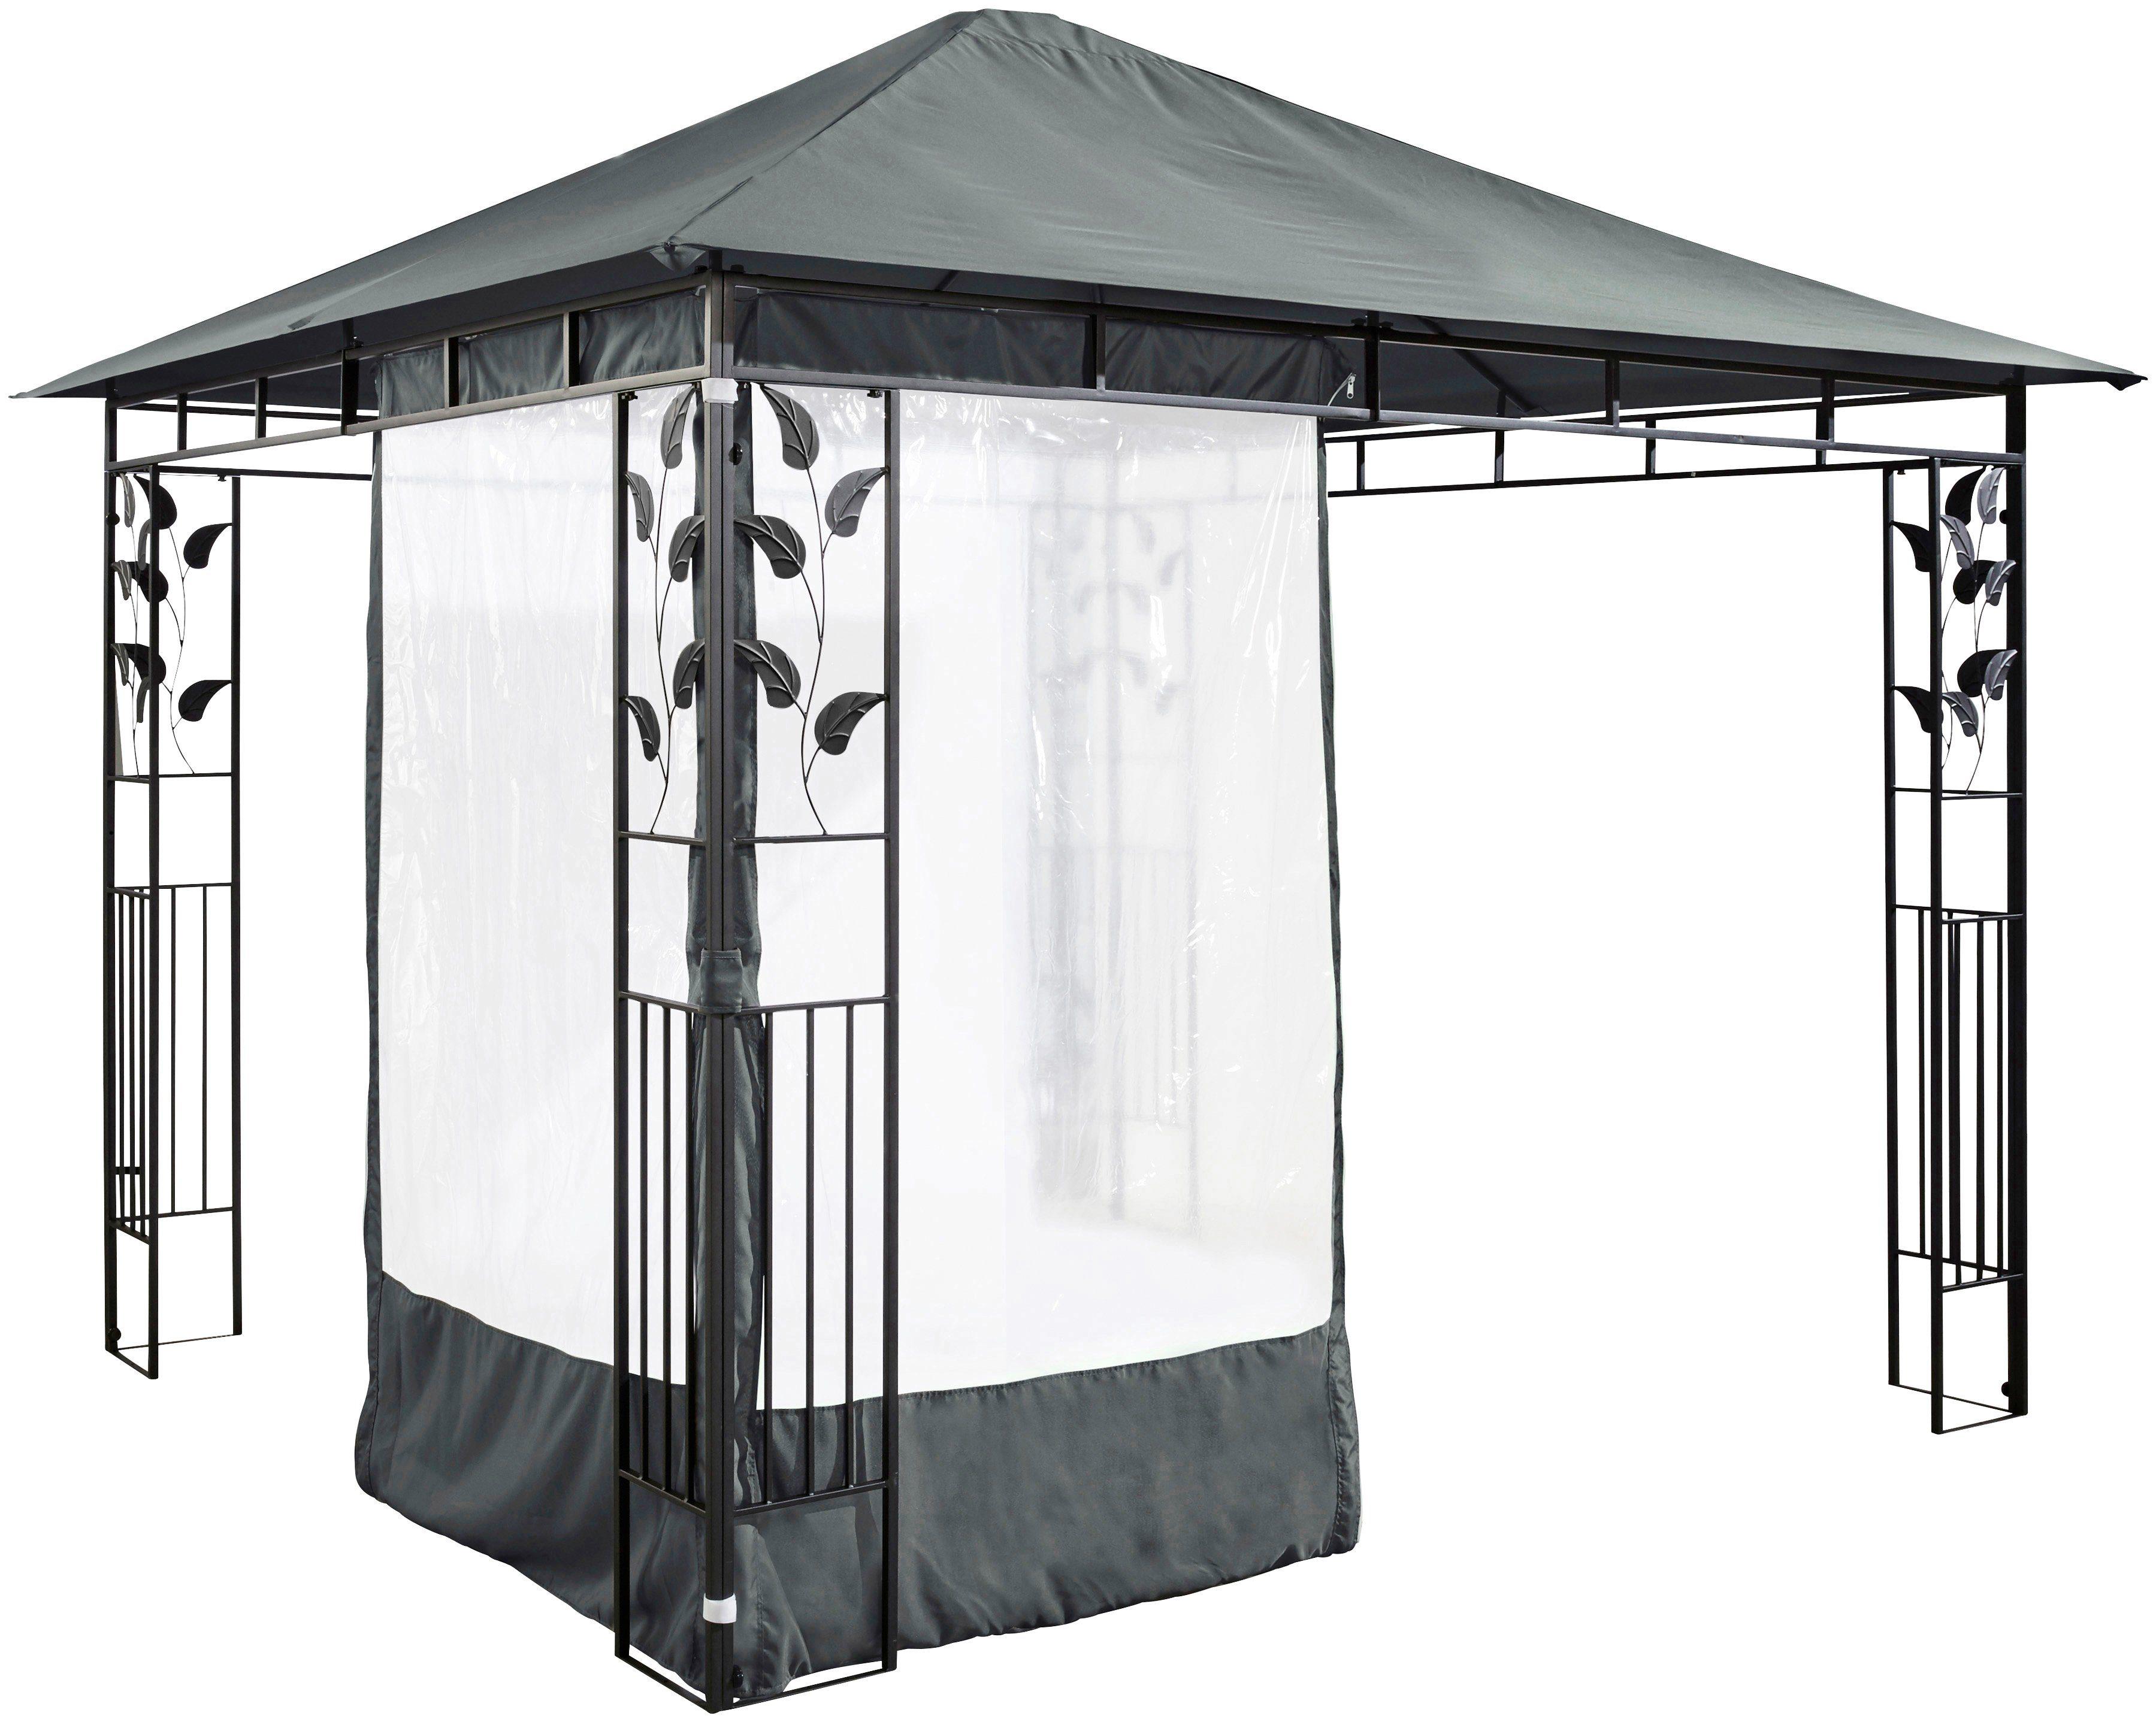 Seitenteile für Pavillon »Salina 1«, für 3x3 m Pavillon, anthrazit